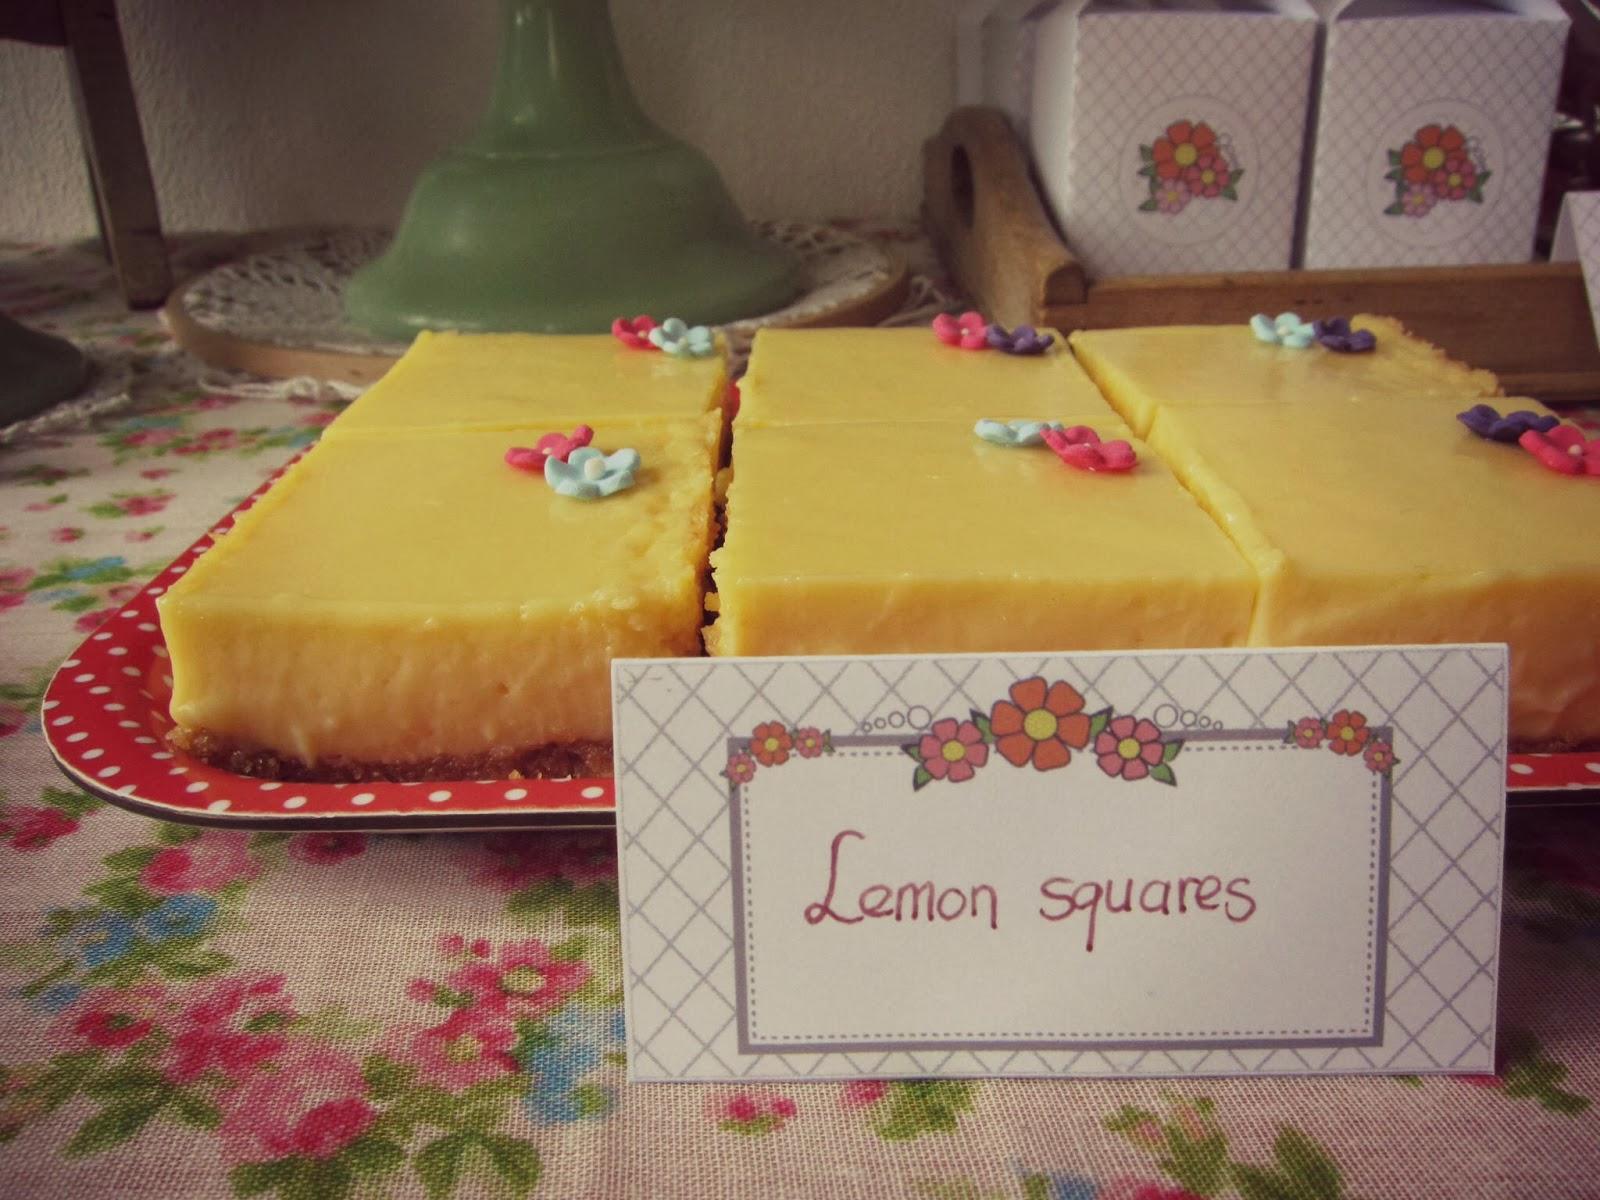 plateau de flan au citron decoration fleurie